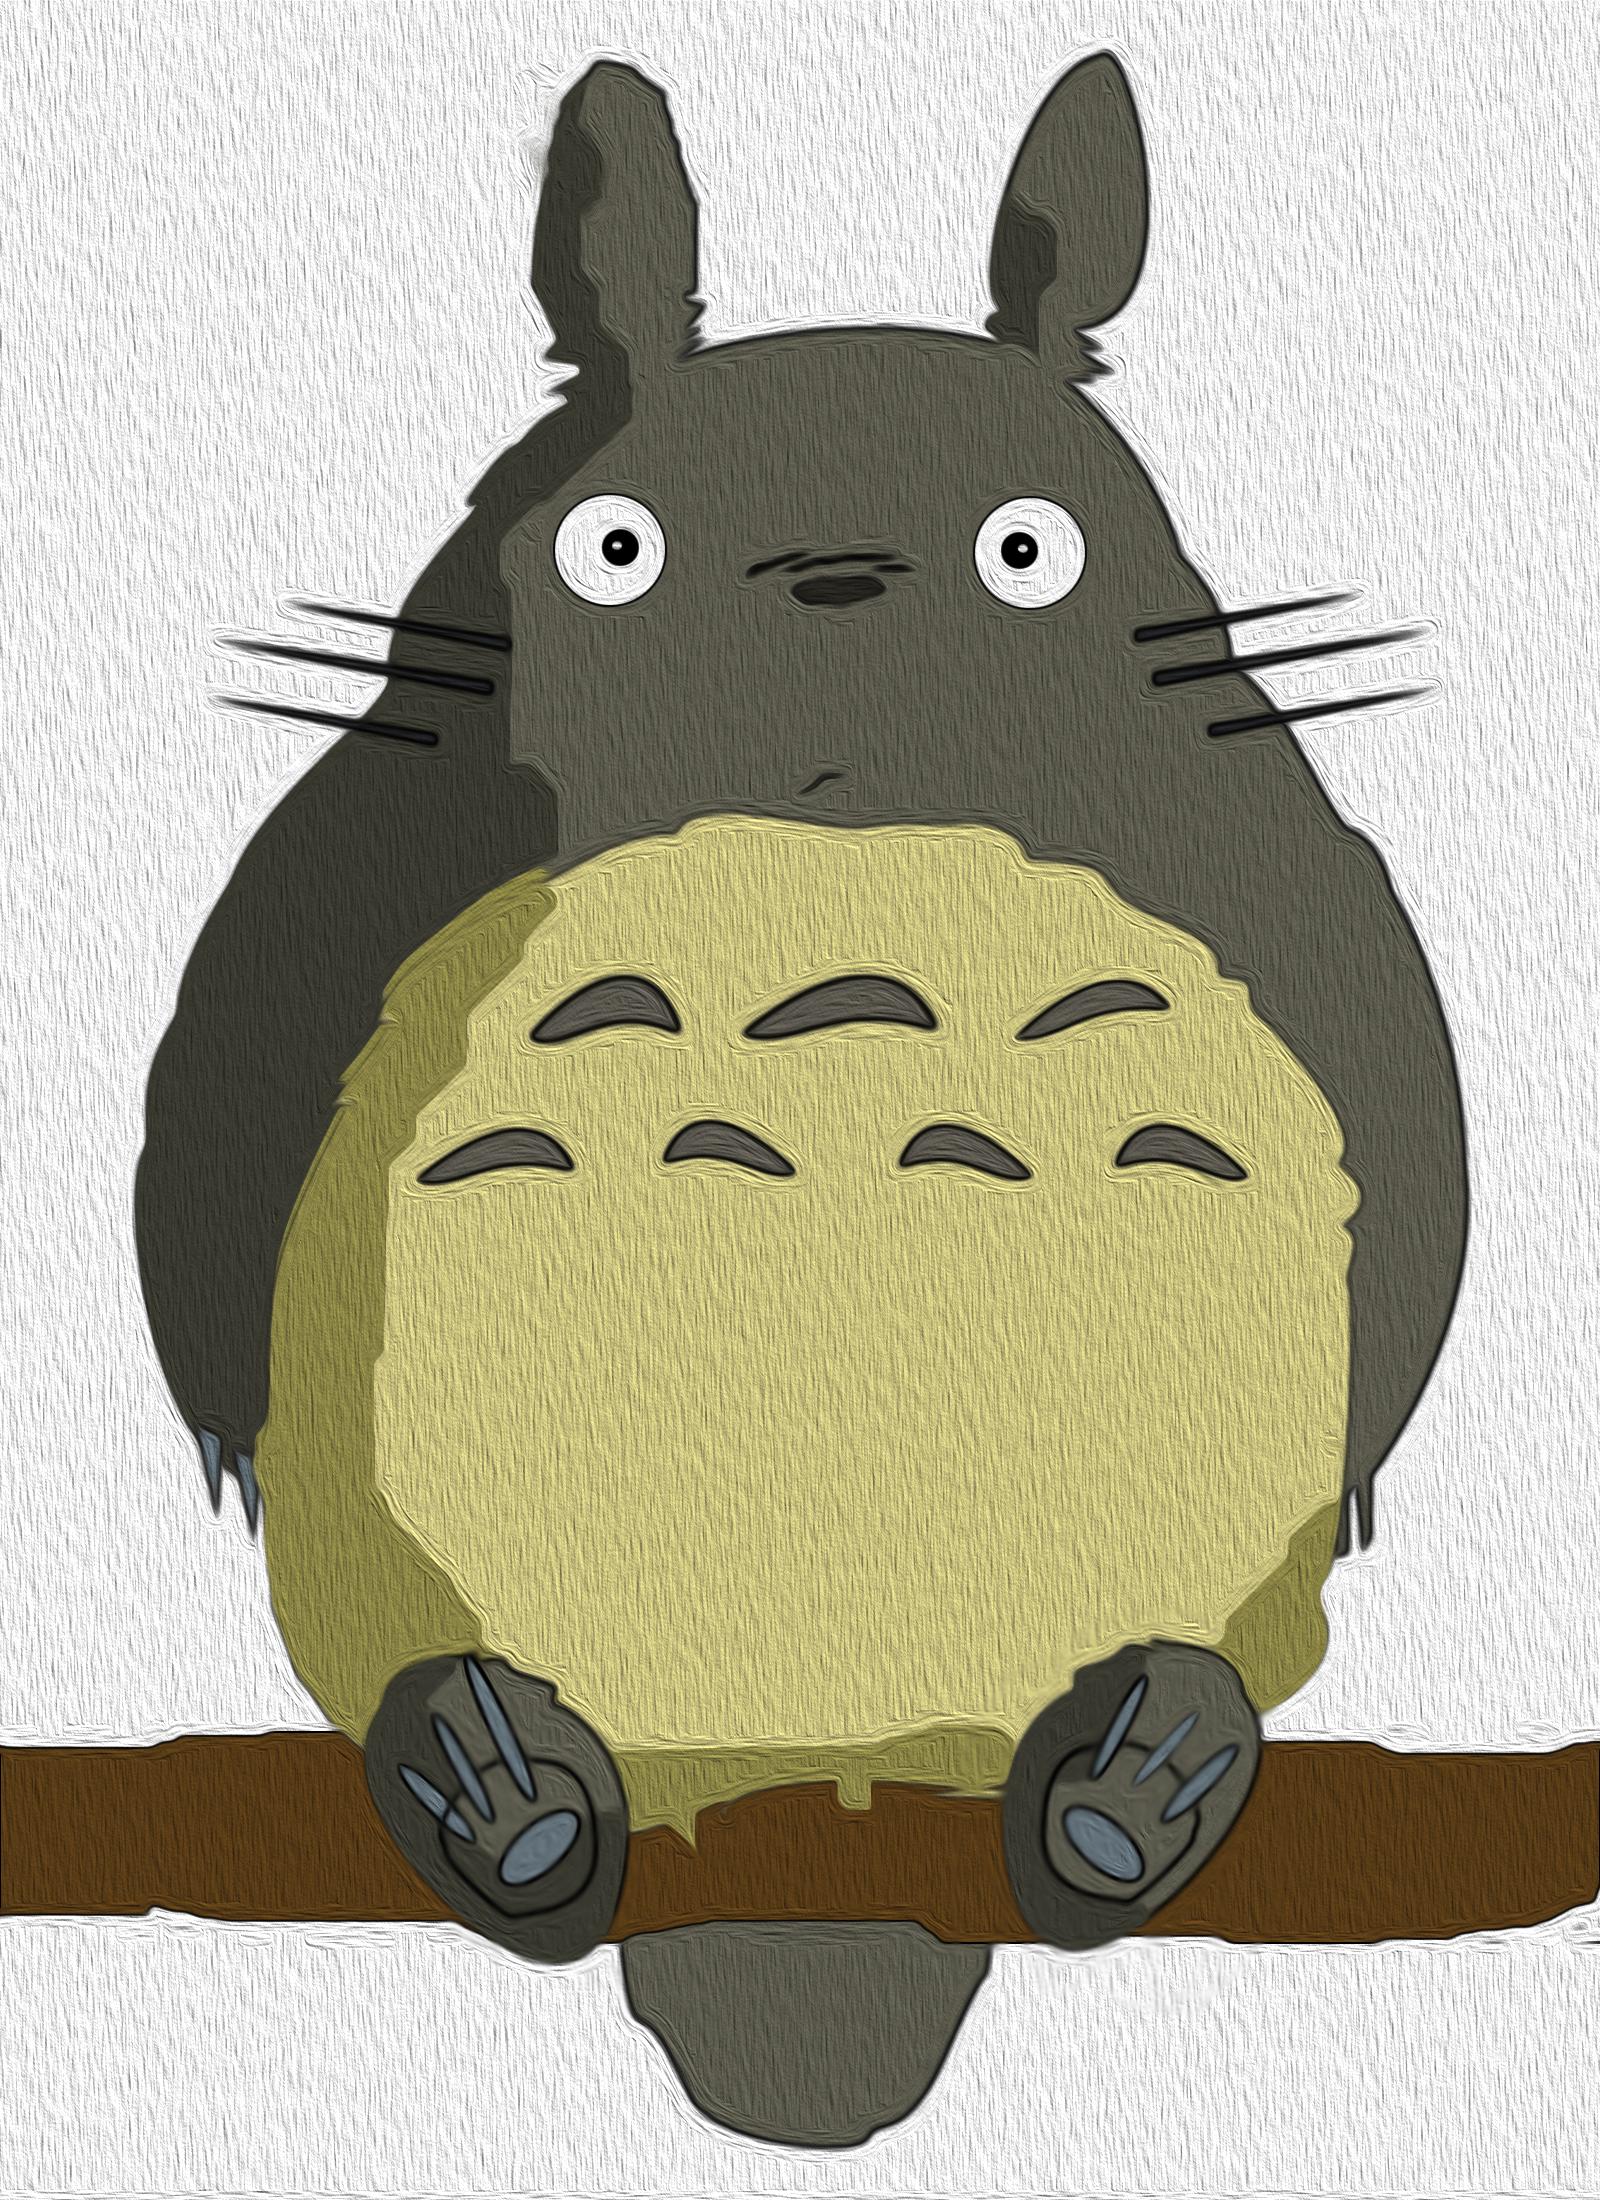 石头手工制作龙猫